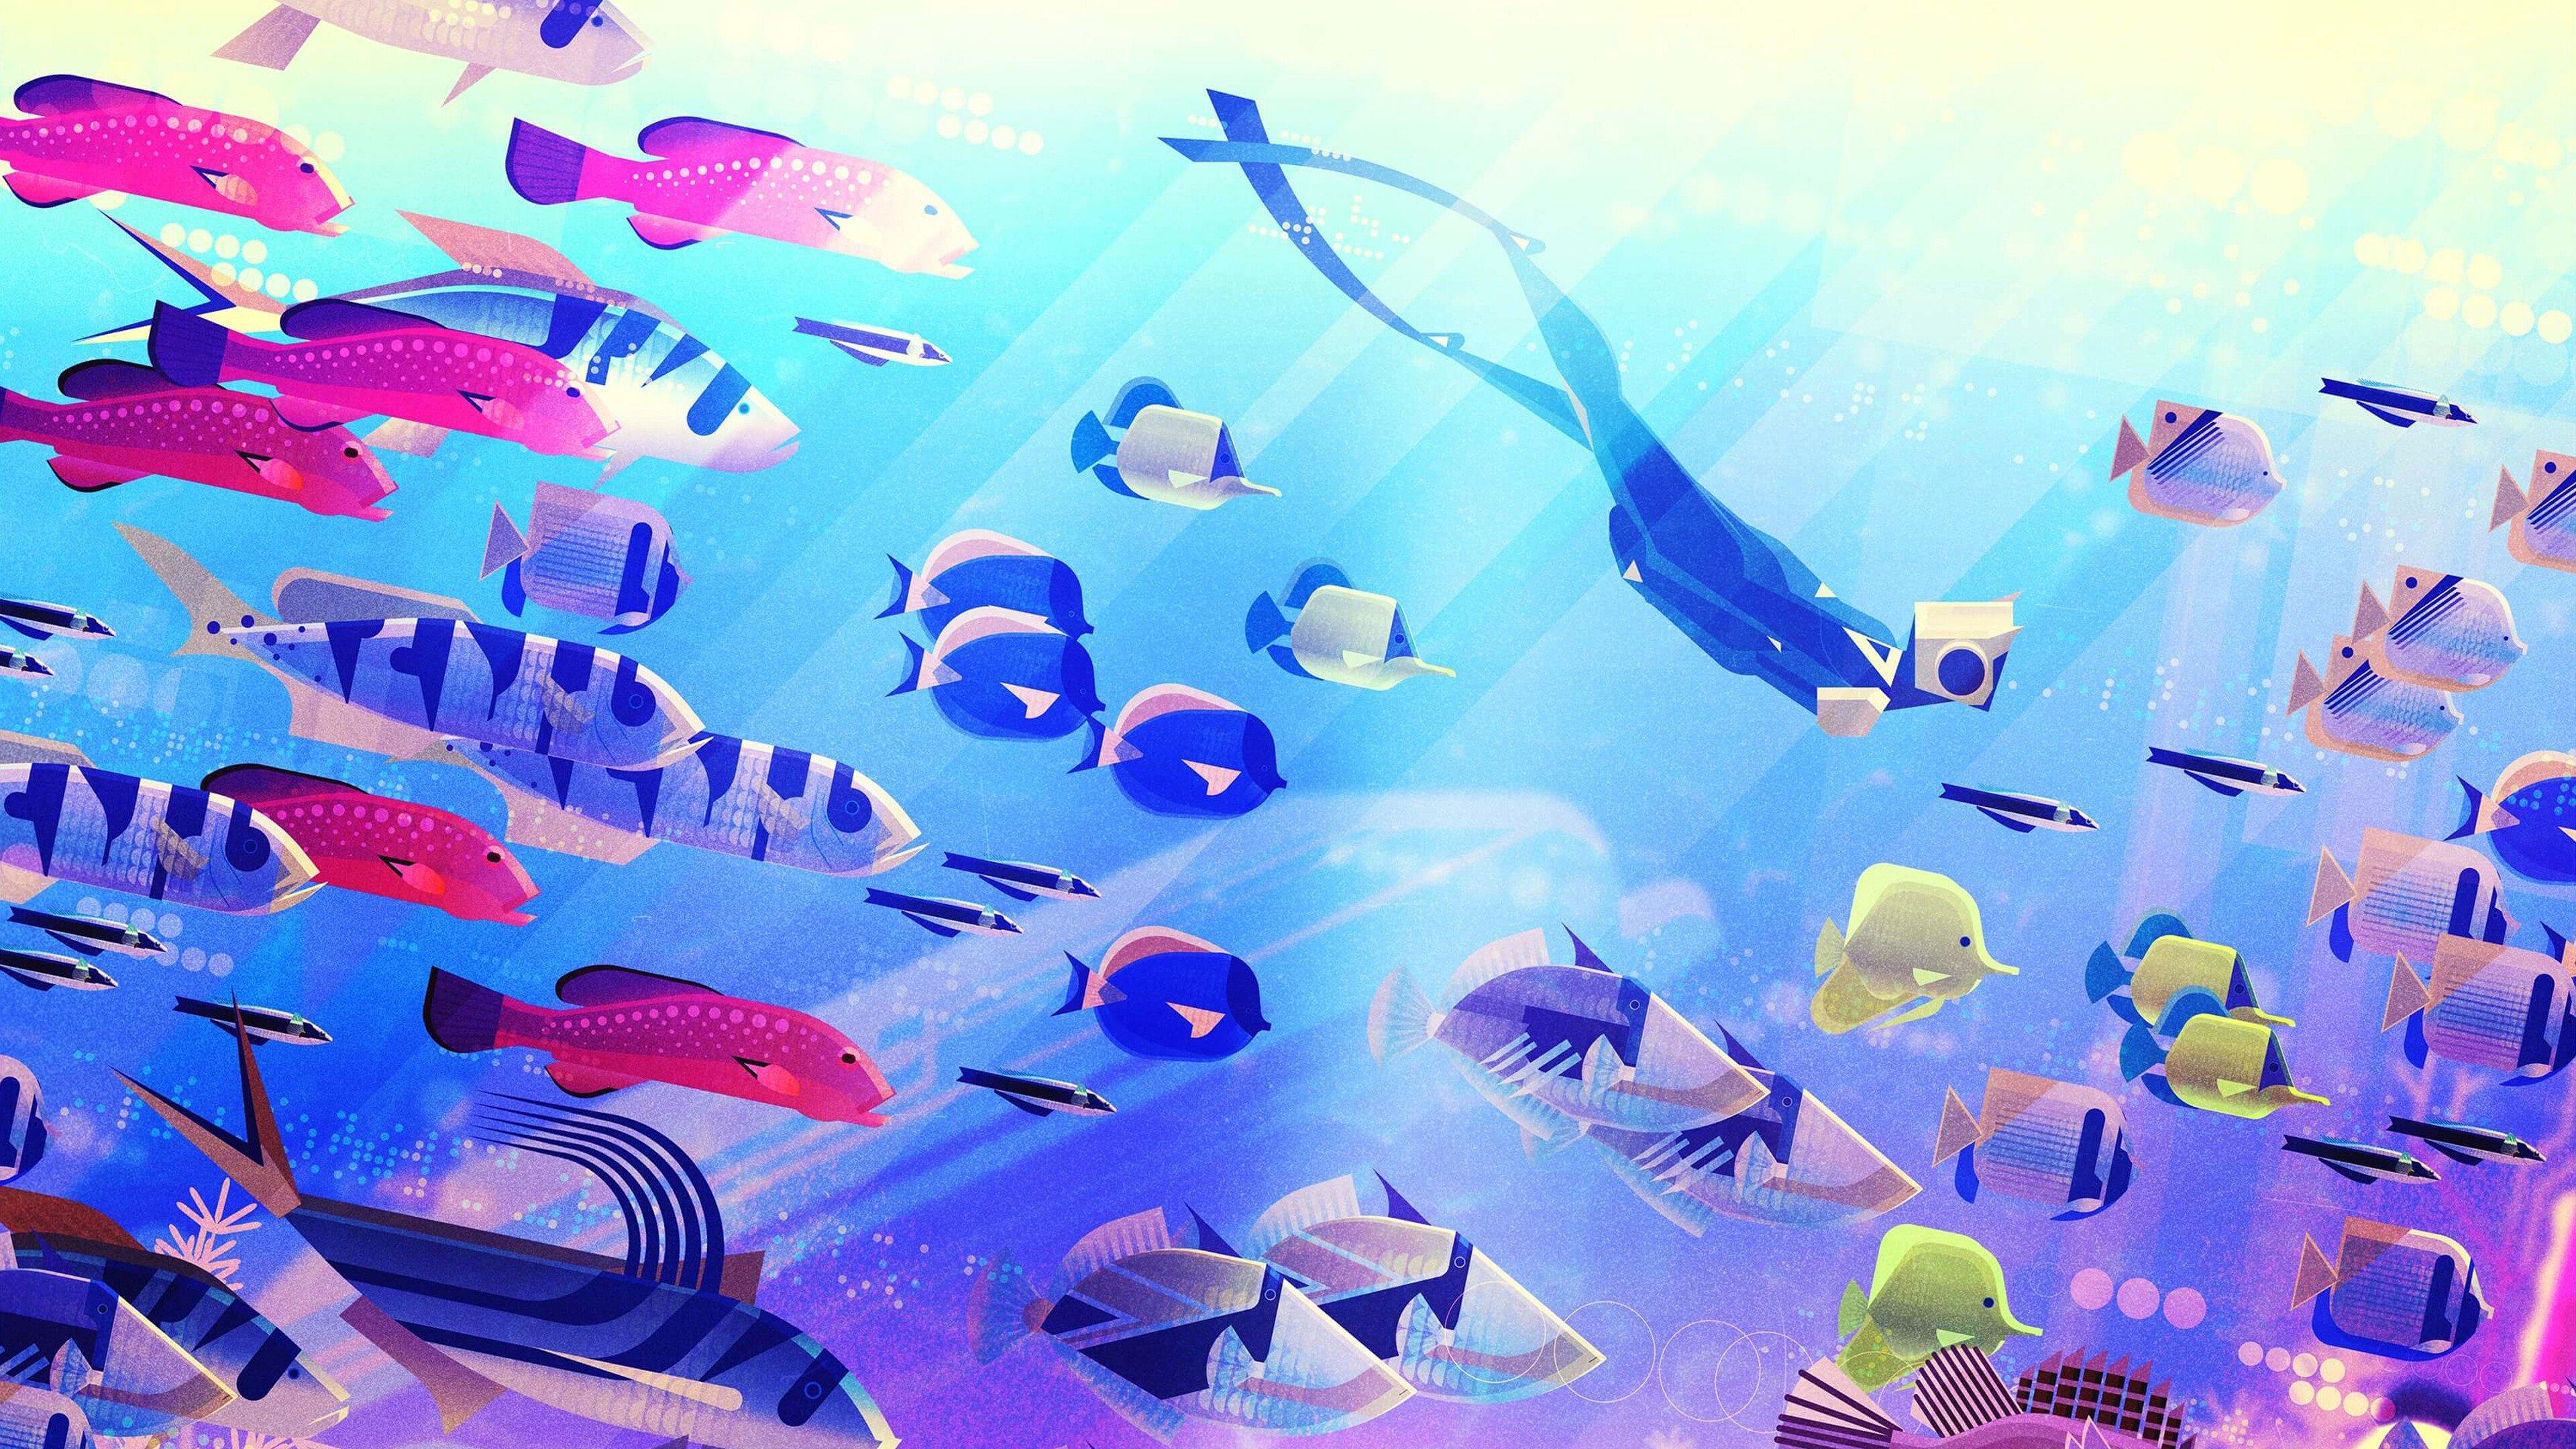 Fondos de pantalla Peces debajo del agua en arte digital